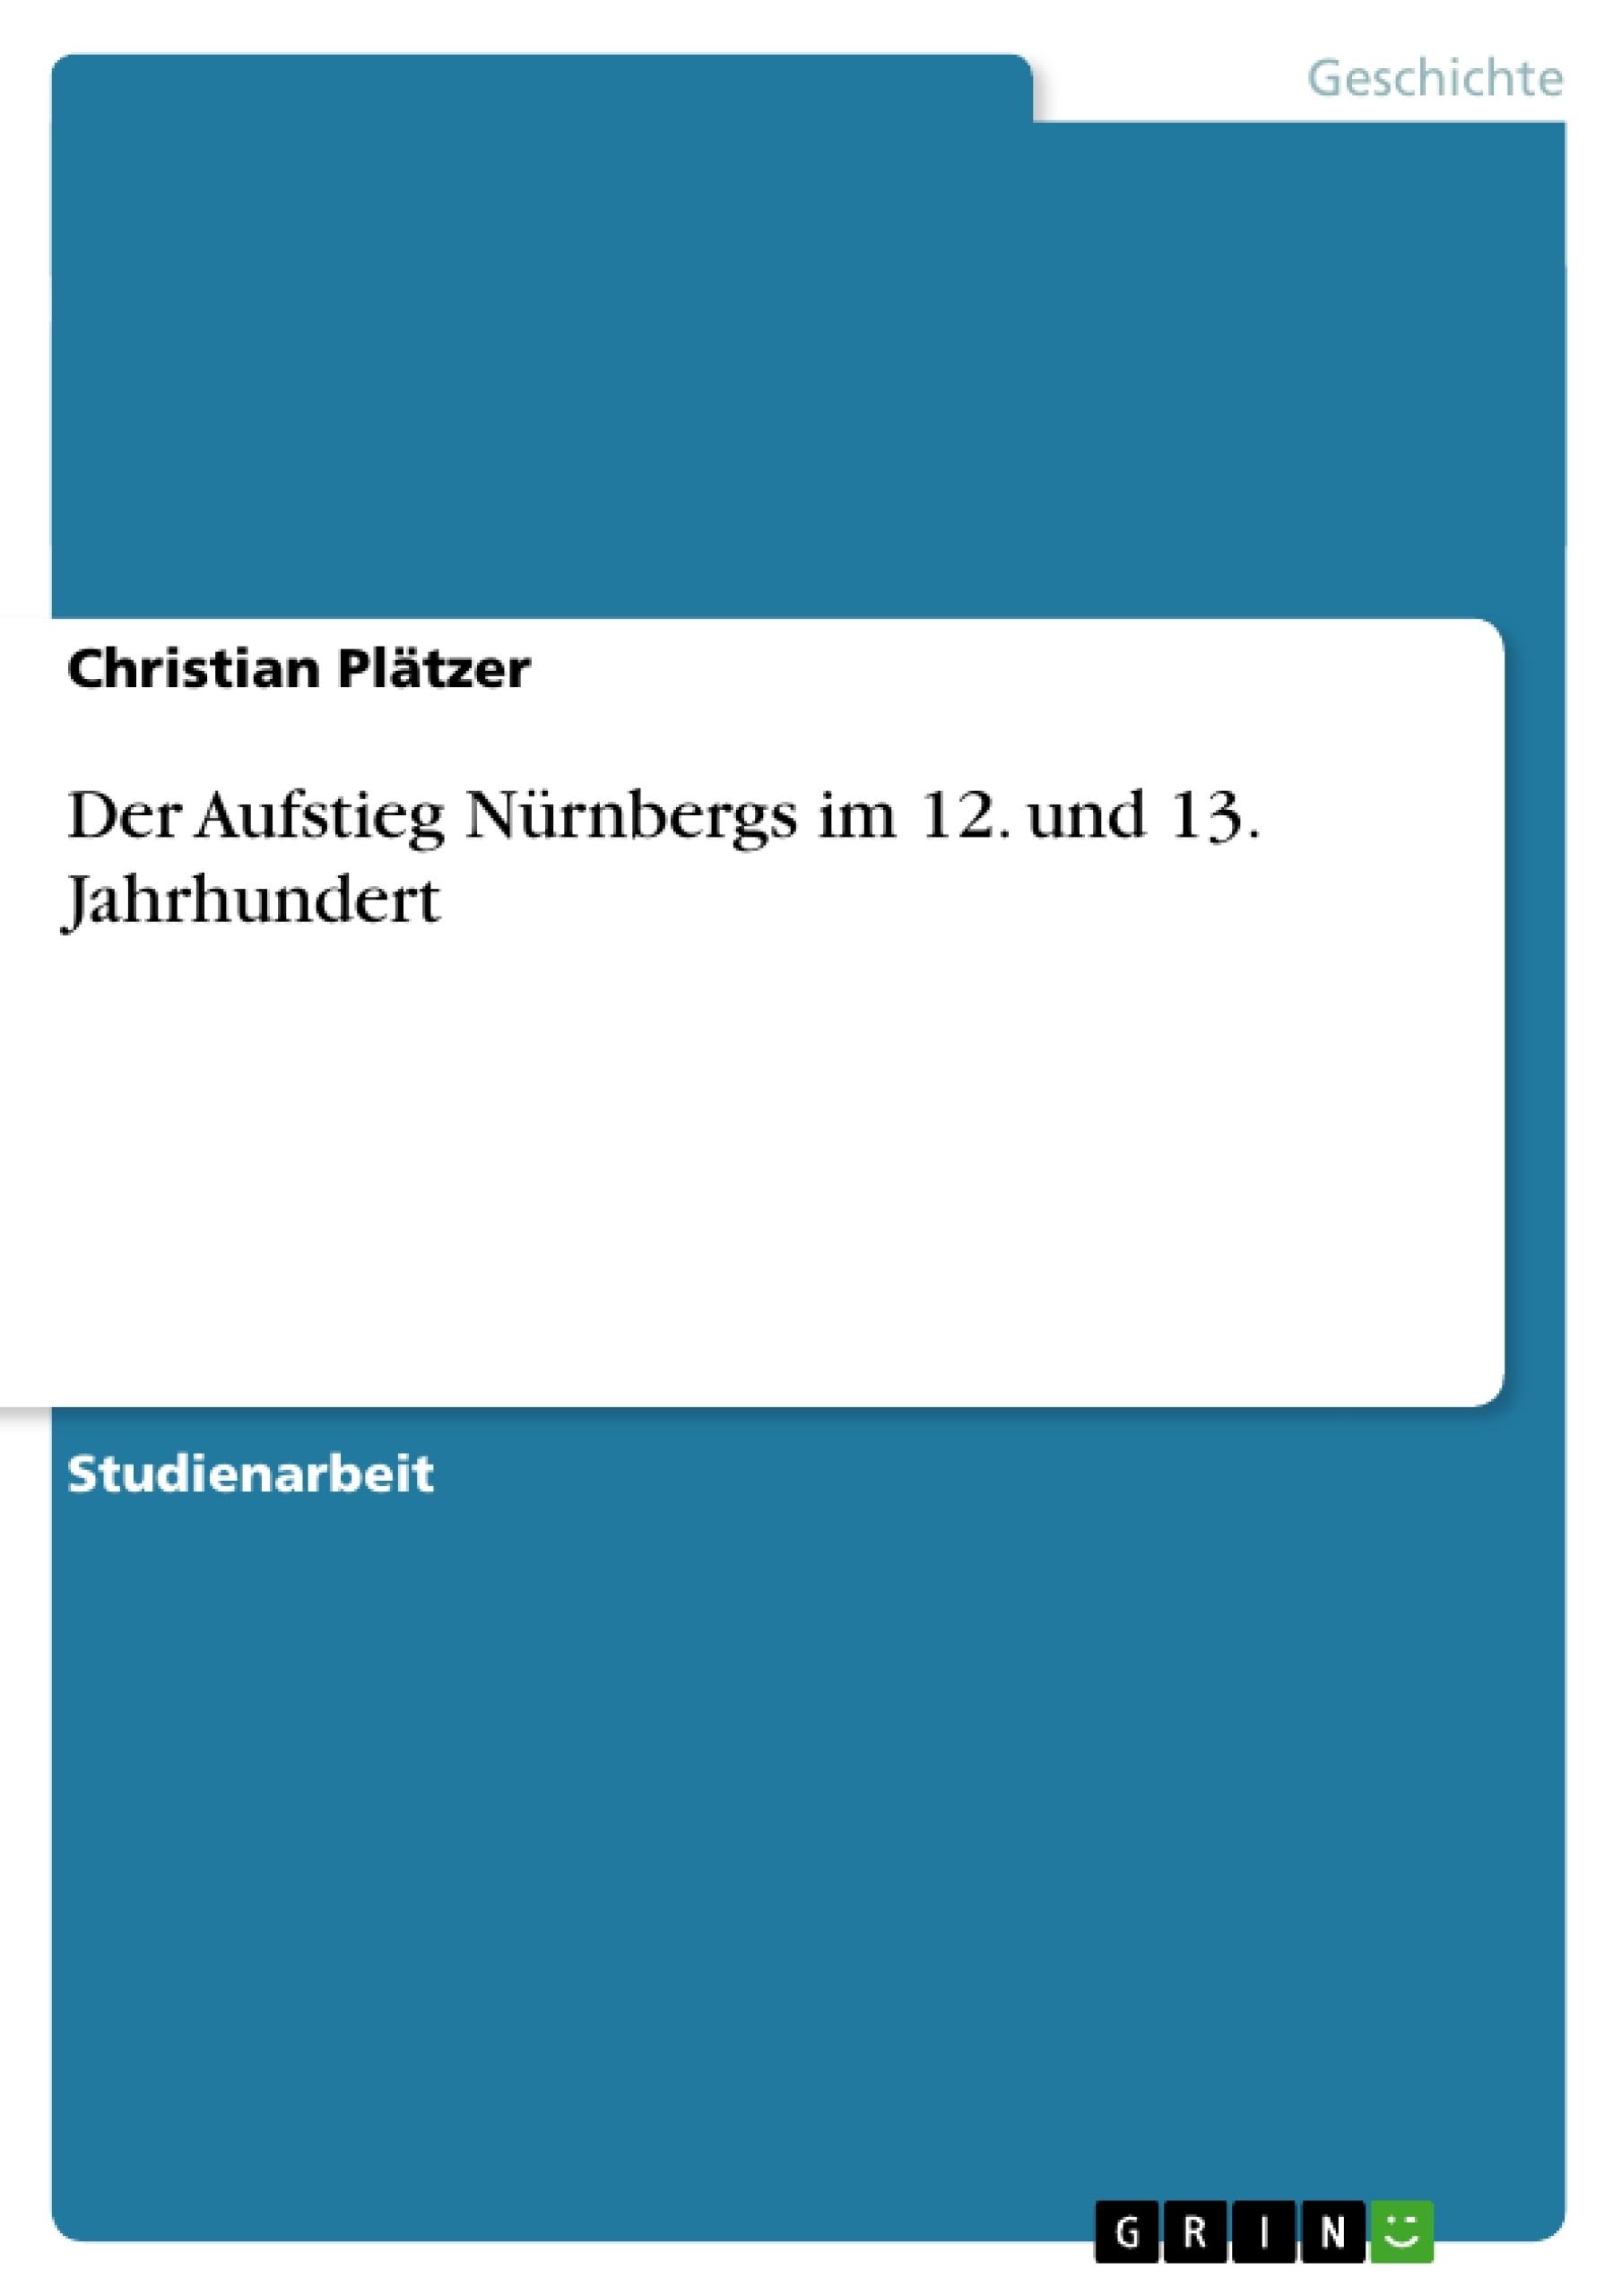 Titel: Der Aufstieg Nürnbergs im 12. und 13. Jahrhundert